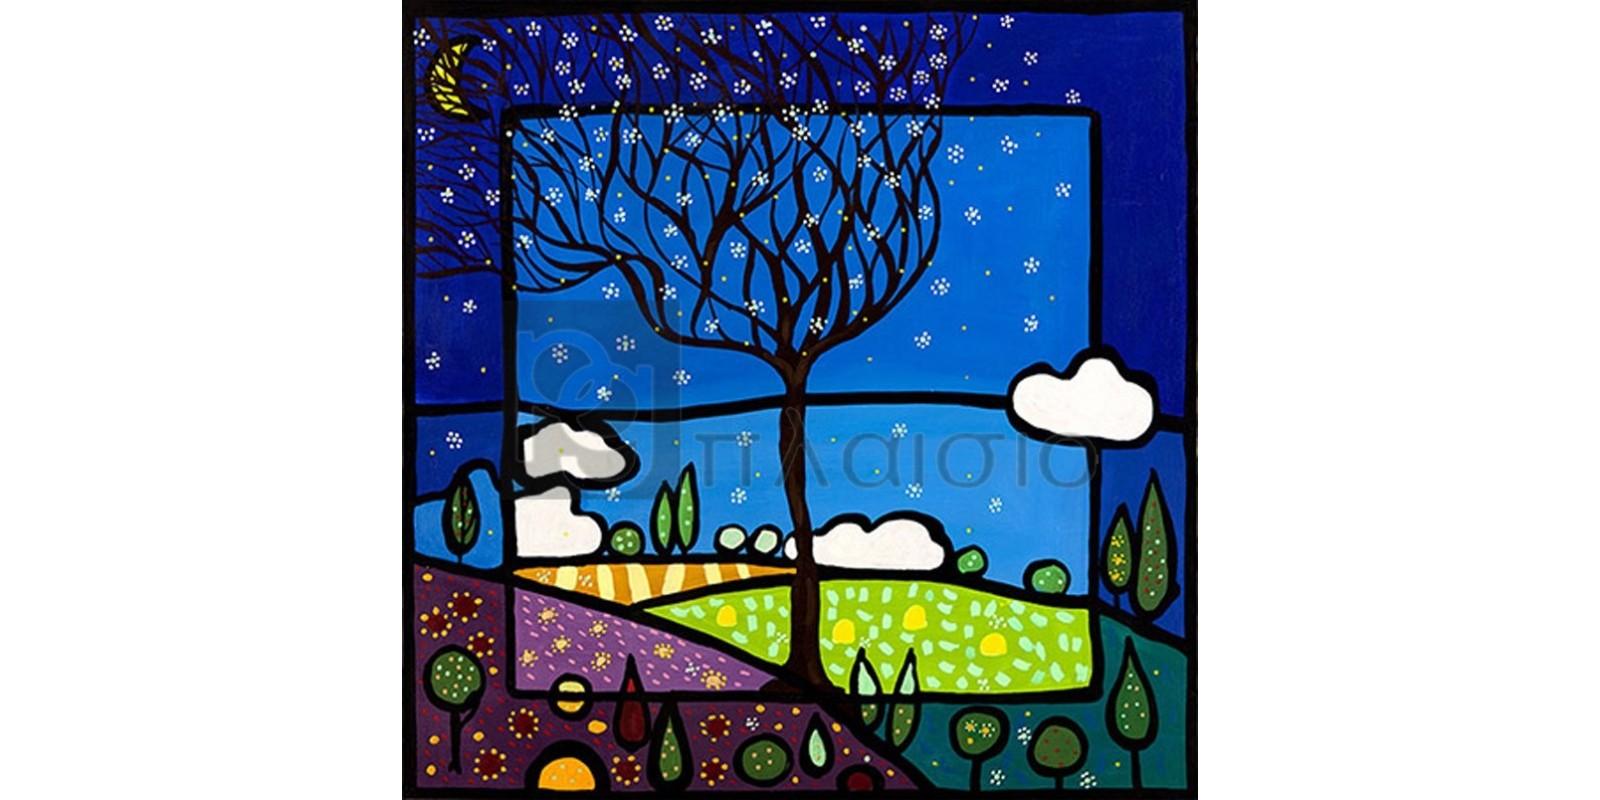 Wallas - Sogno a primavera